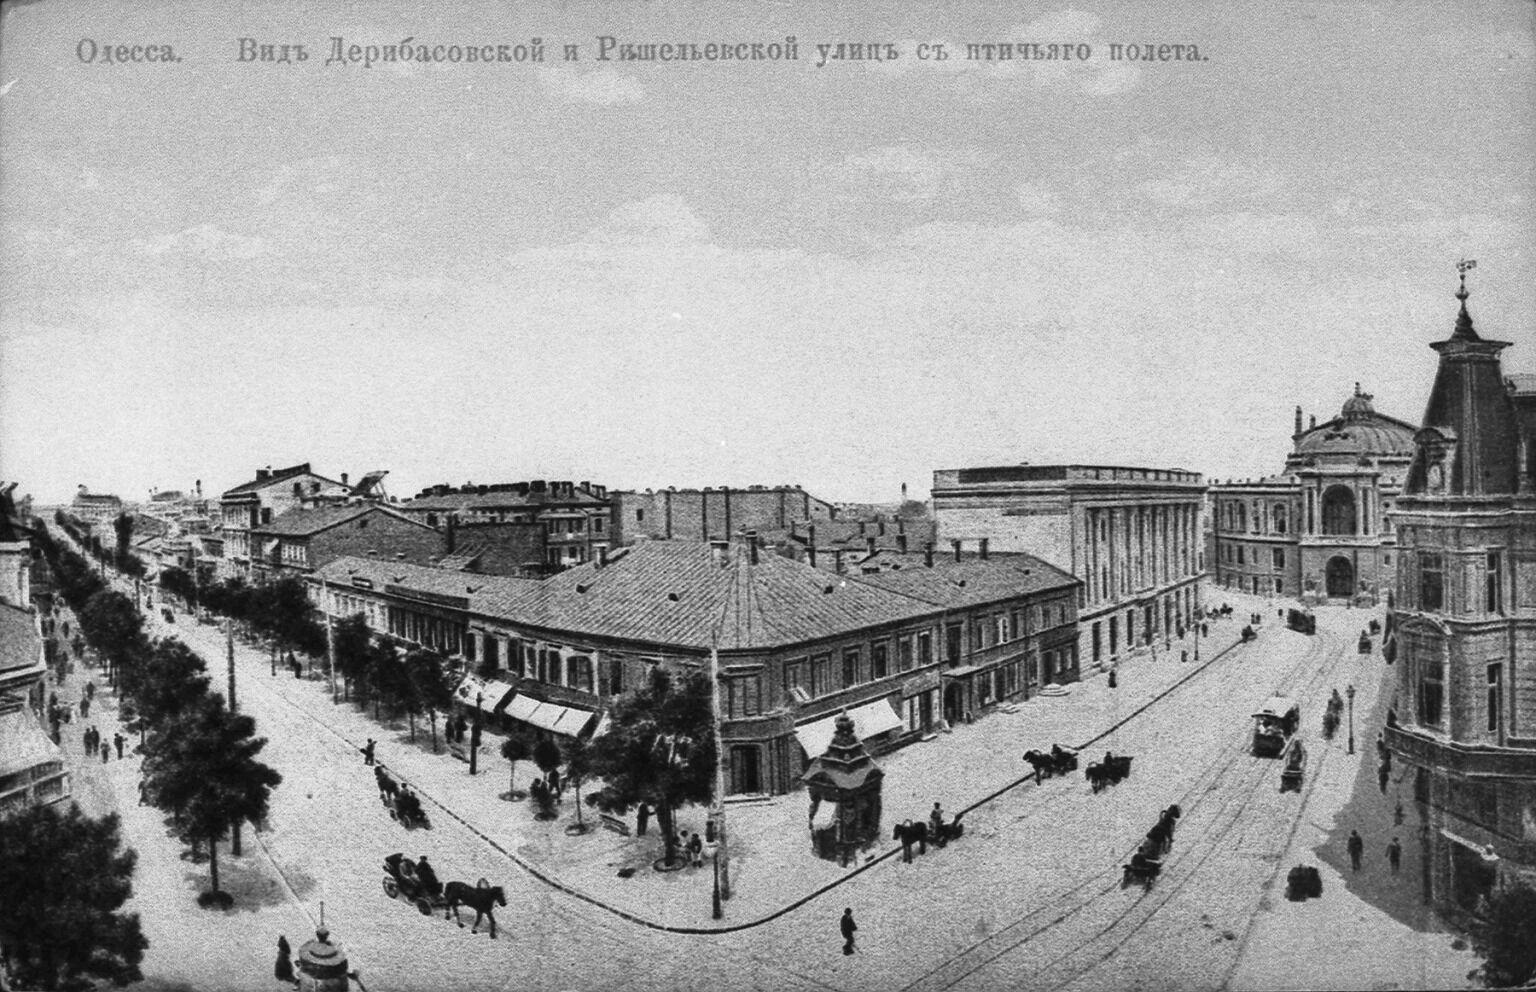 Вид на Дерибасовскую, конец XIX века